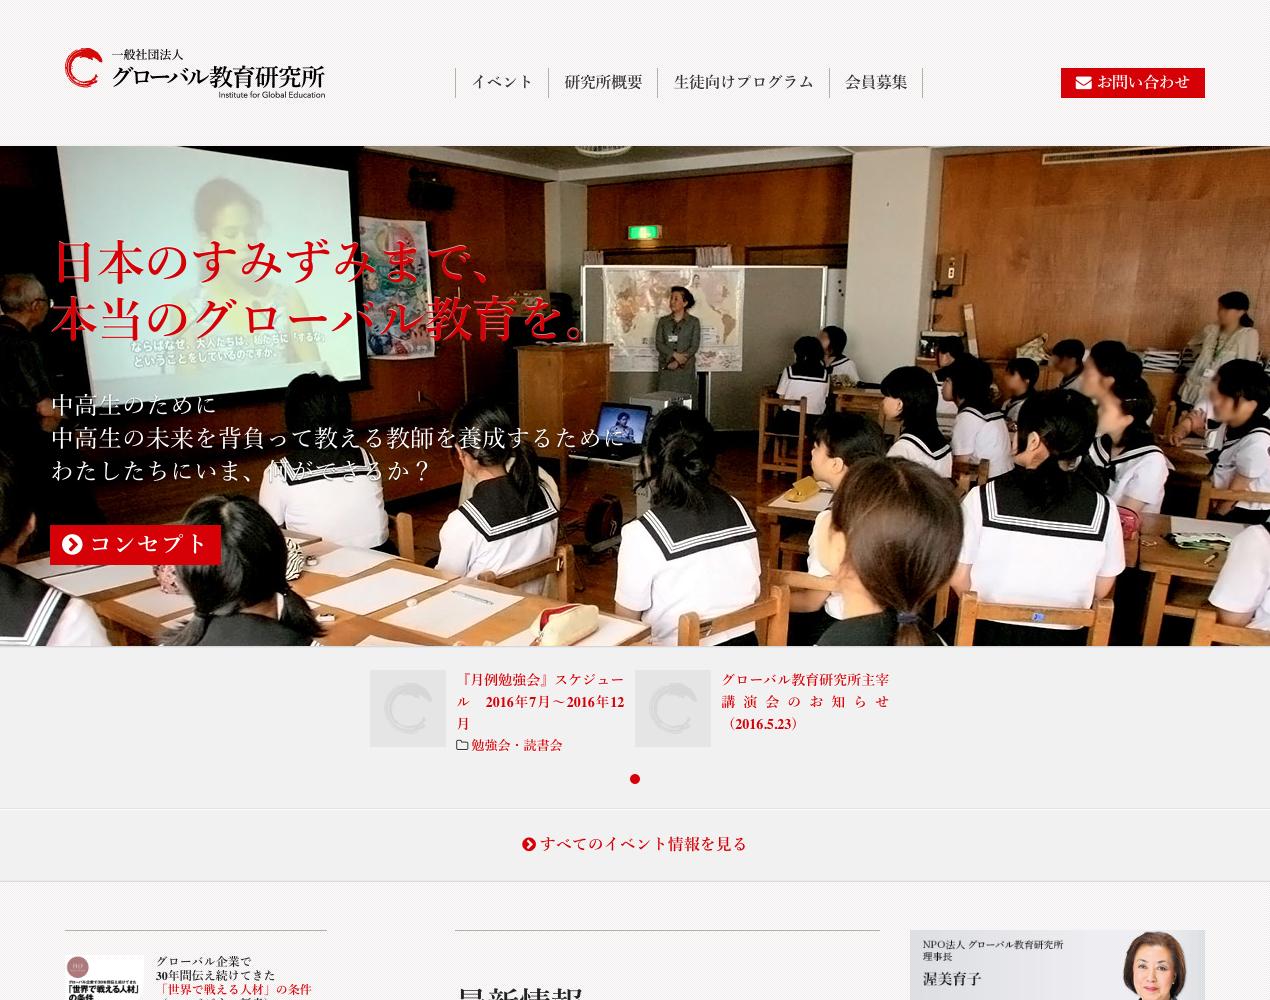 グローバル教育研究所